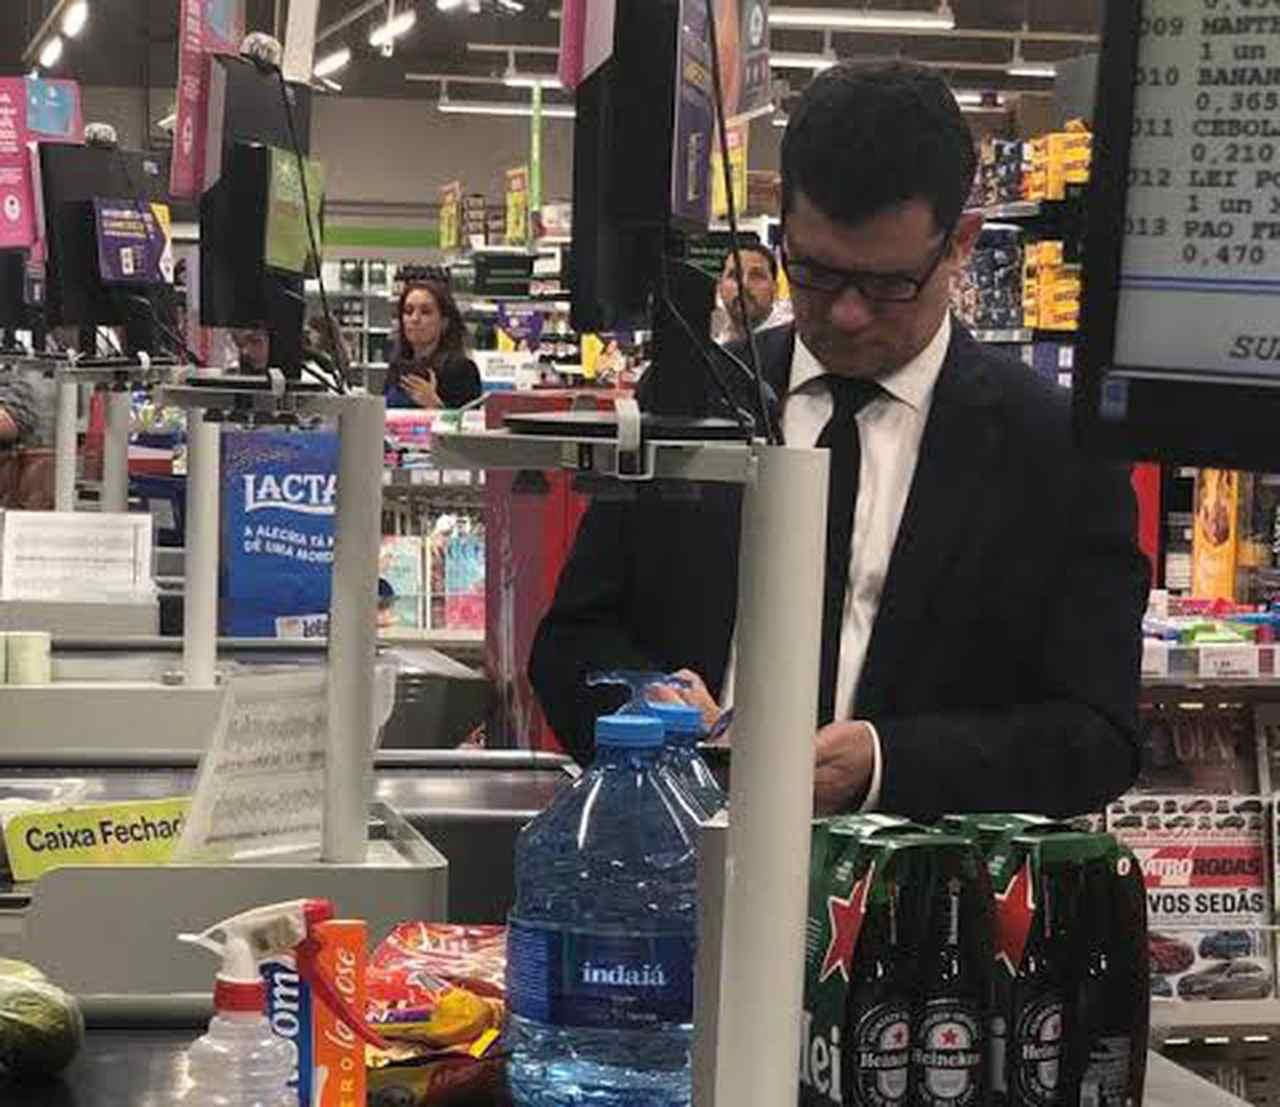 Moro já teria sacado auxílio emergencial e é flagrado fazendo compras